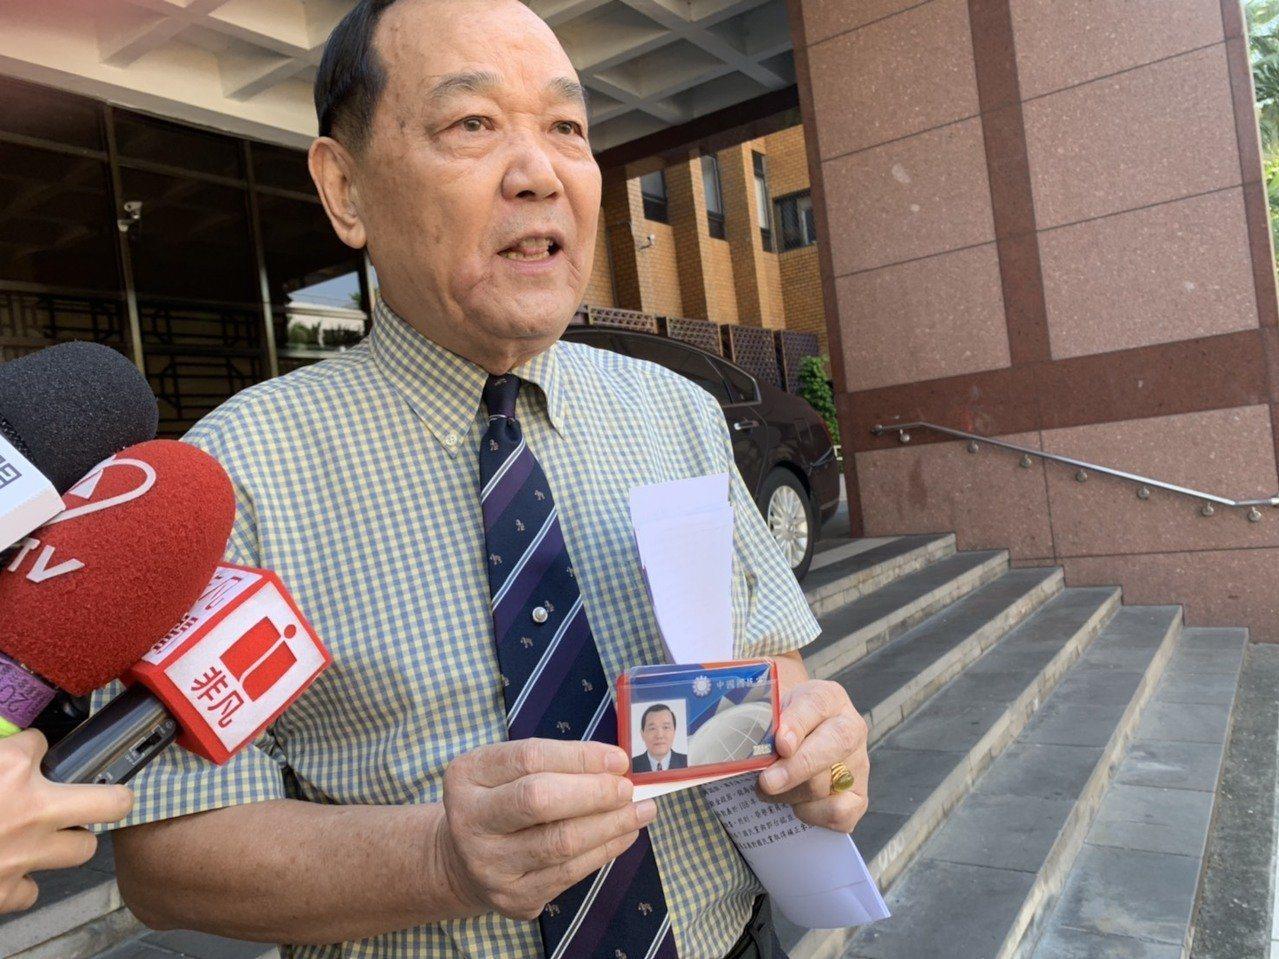 律師林憲同認為郭對國民黨造成極大傷害,因此他今天到台北地院控告郭台銘詐欺、背信,...